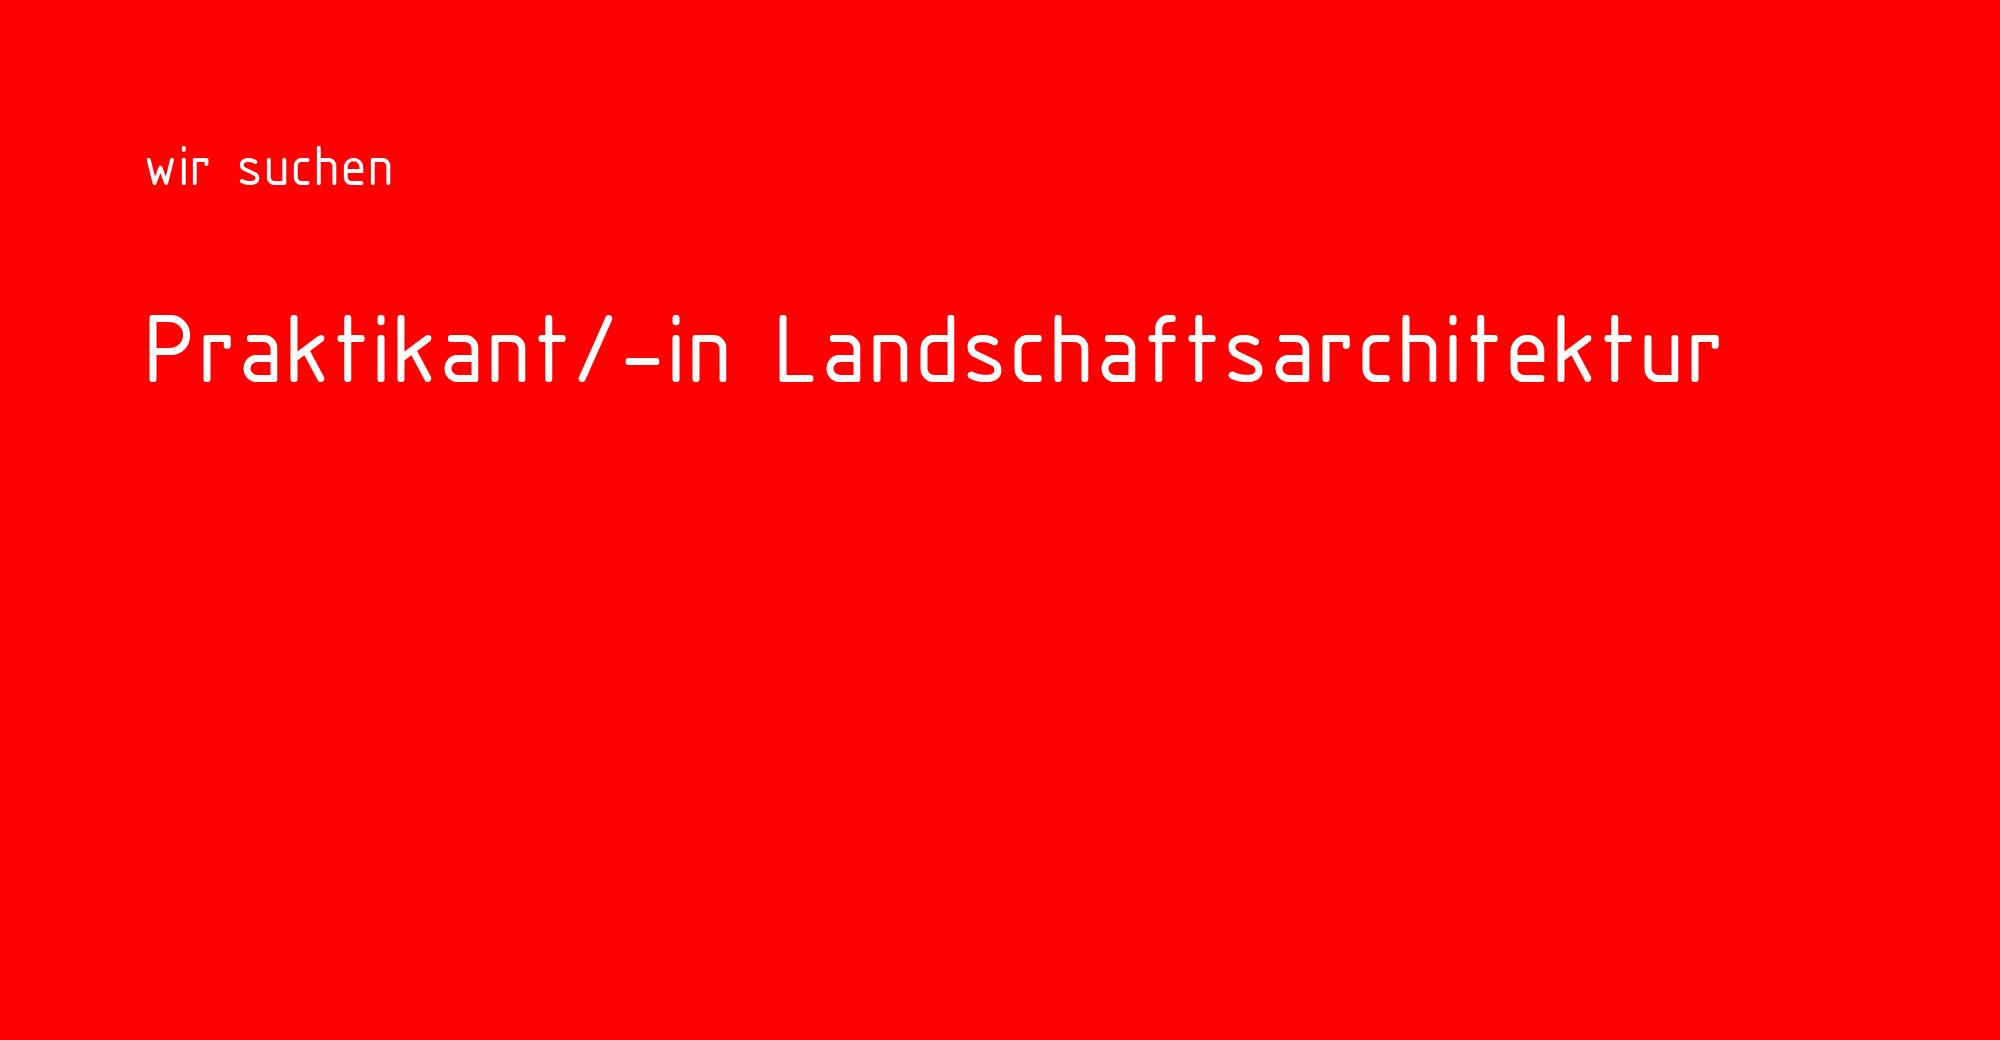 GERSBACH LANDSCHAFTSARCHITEKTUR